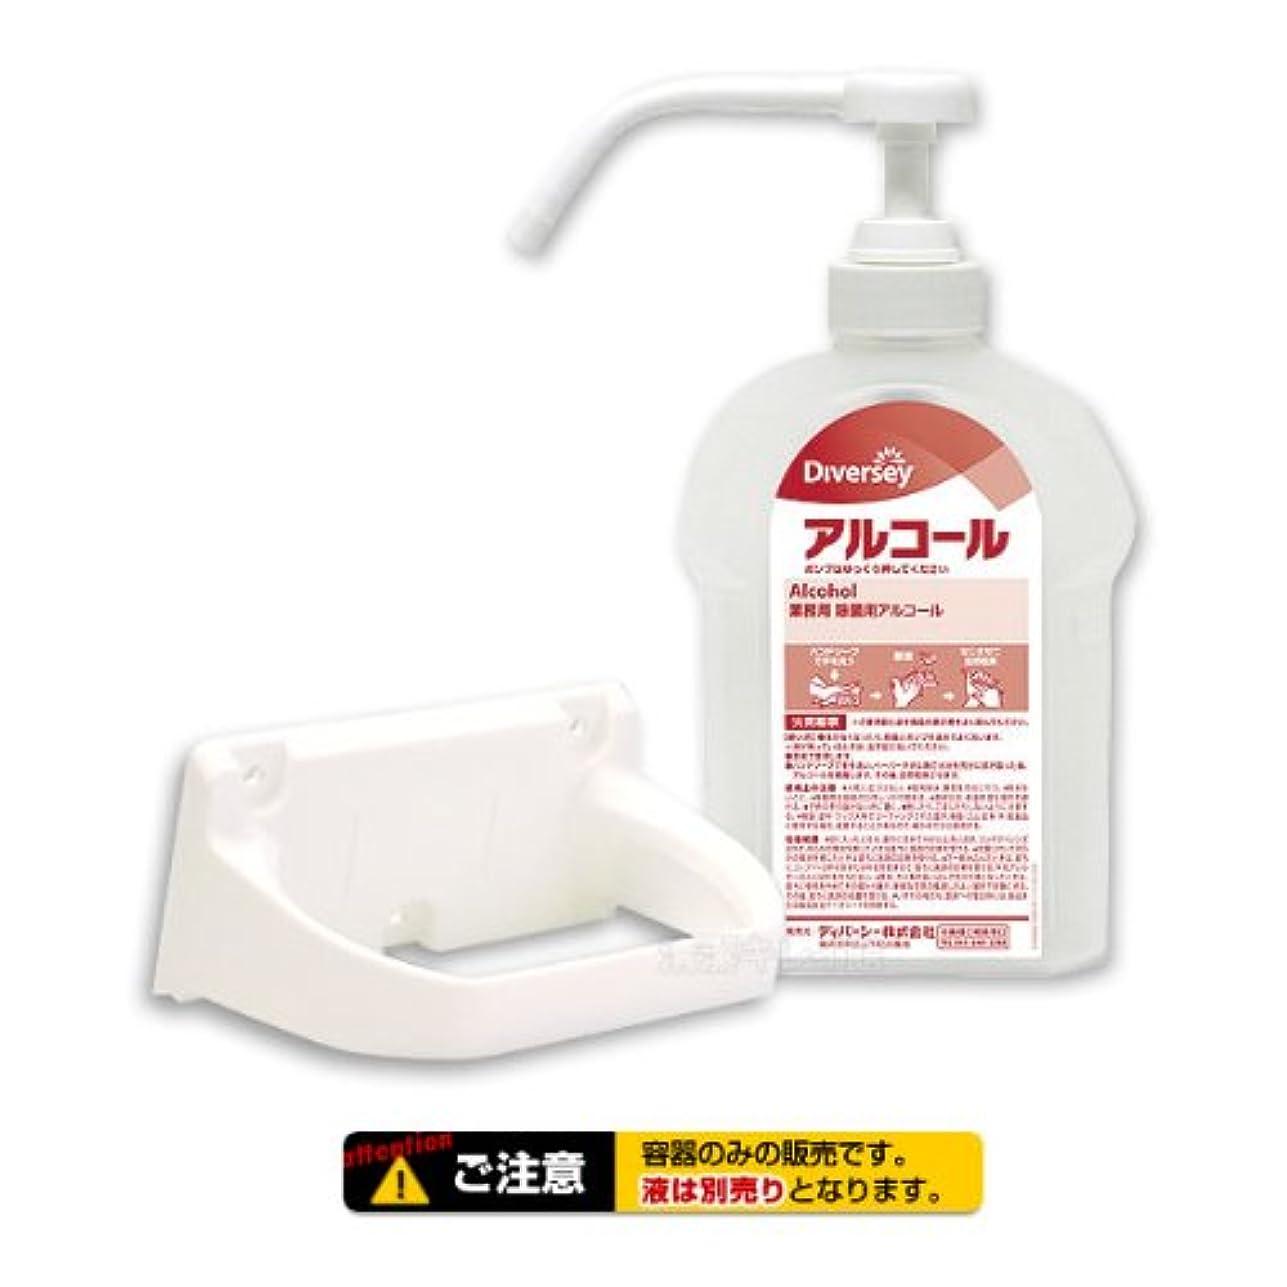 間腹痛バックアップジョンソン アルコールボトル(600ml) 【清潔キレイ館】